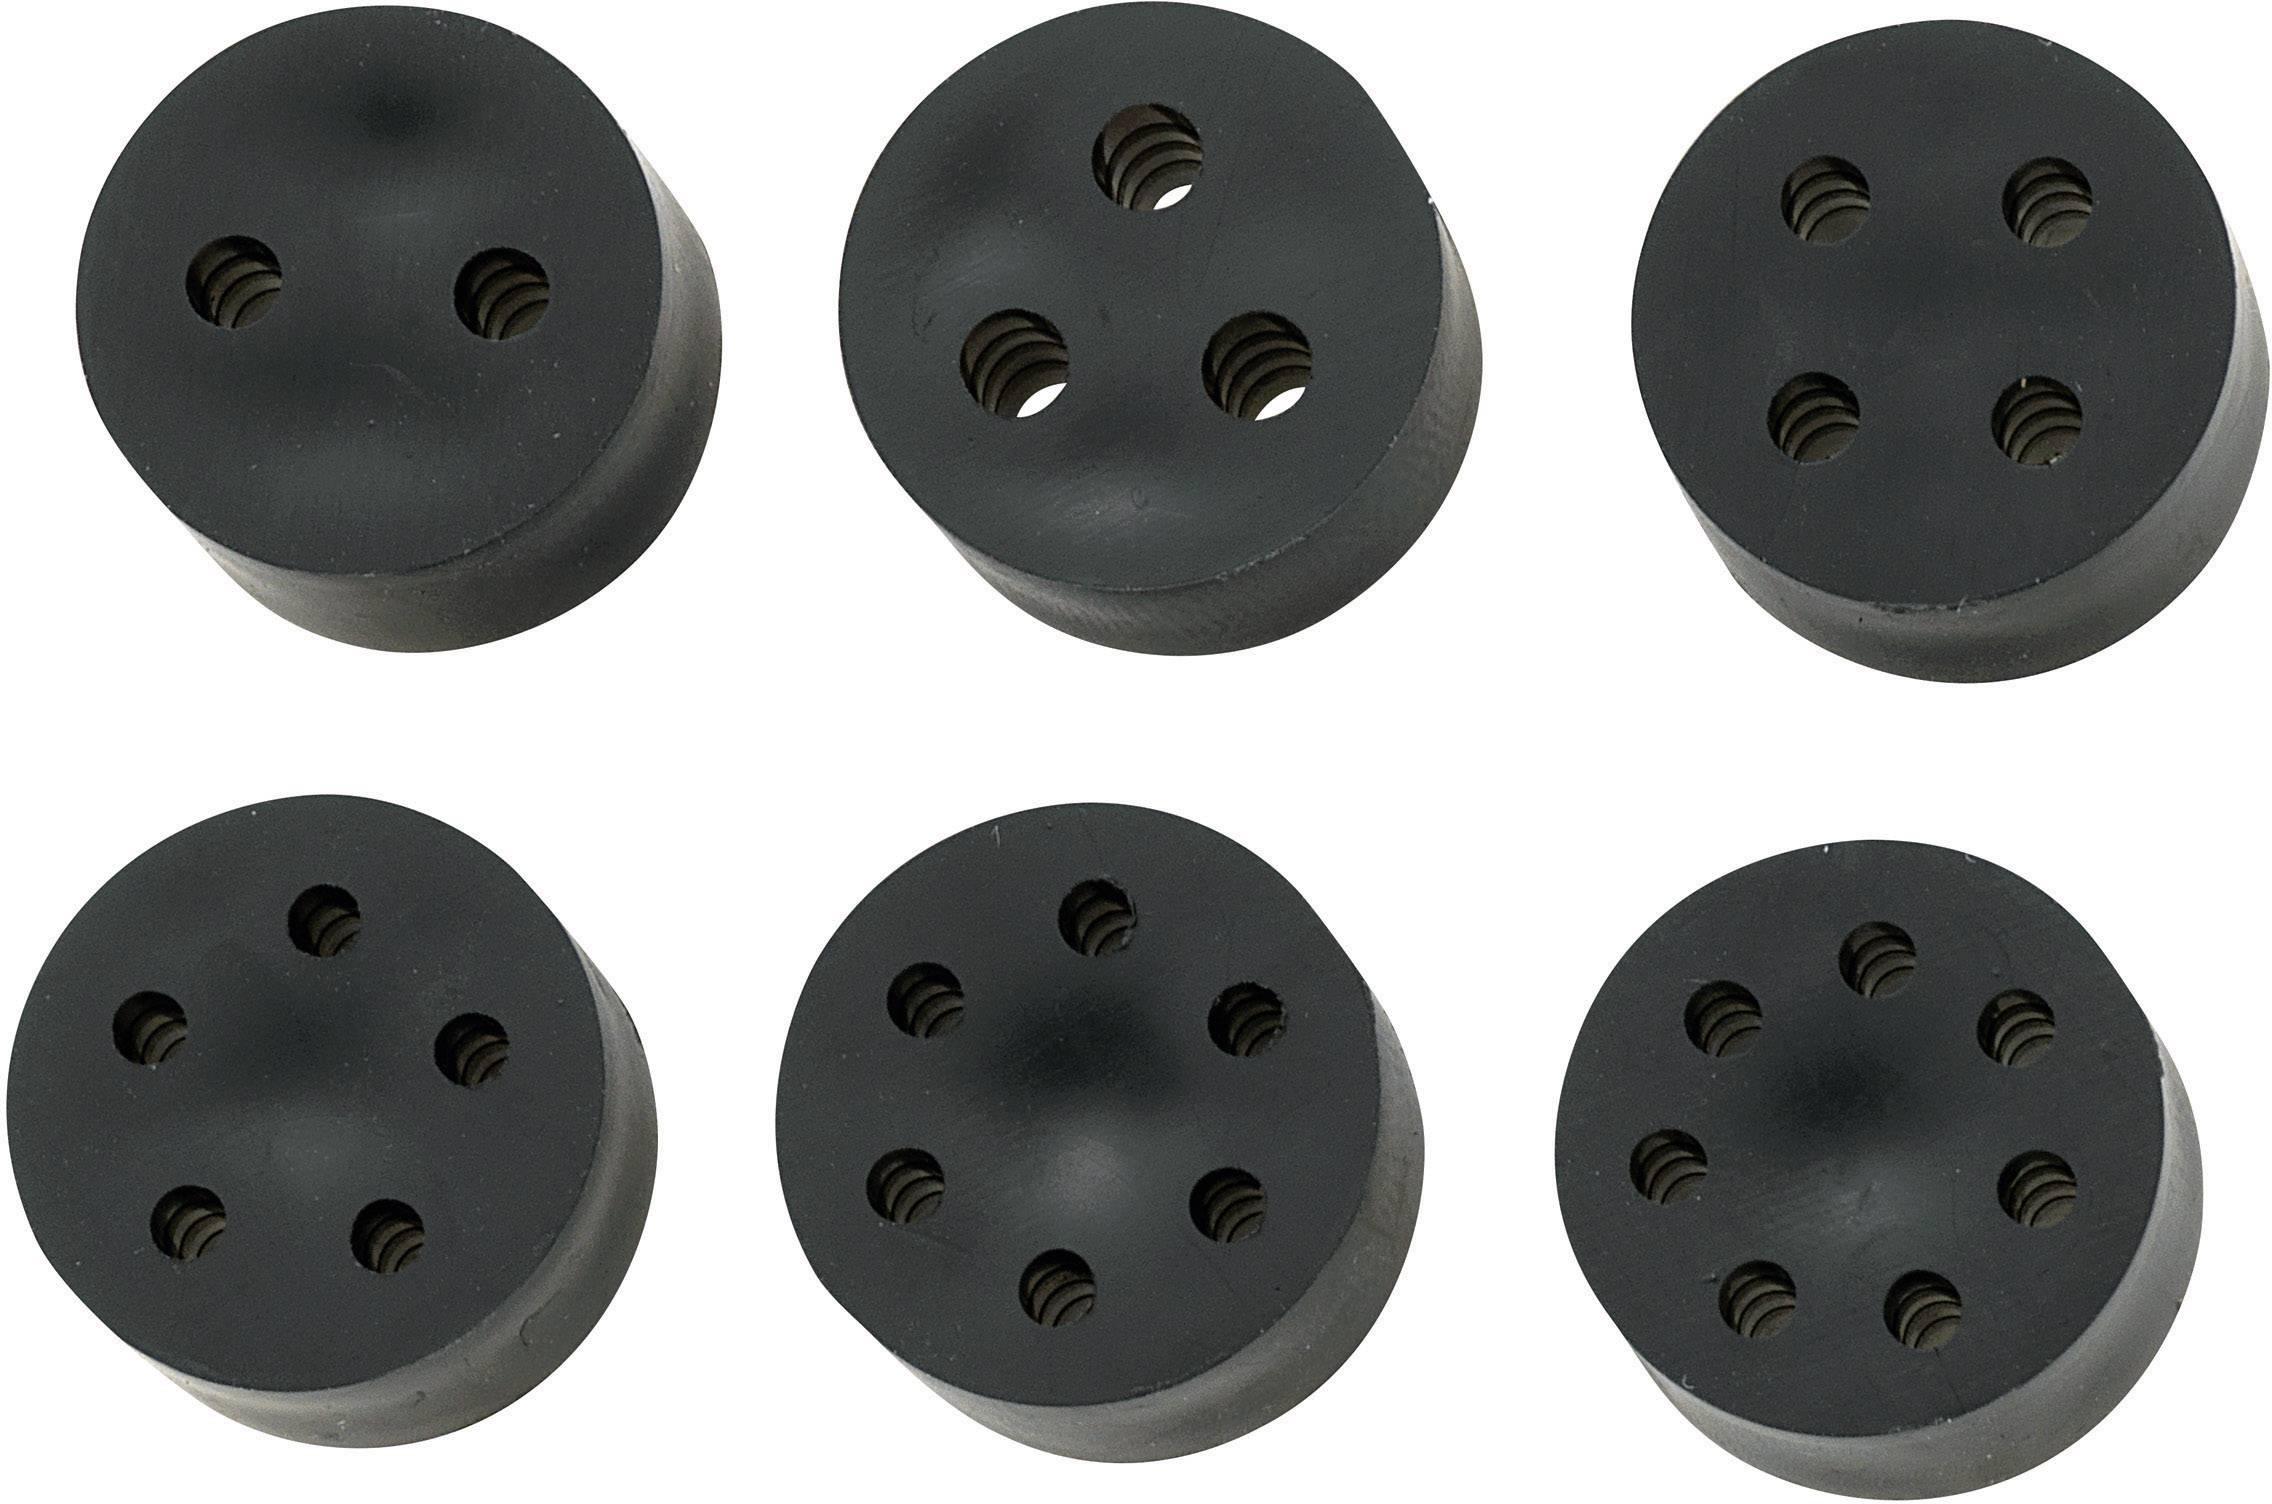 Tesniaca vložka s viacerými priechodmi KSS MH23-5F, M25, guma, 1 ks